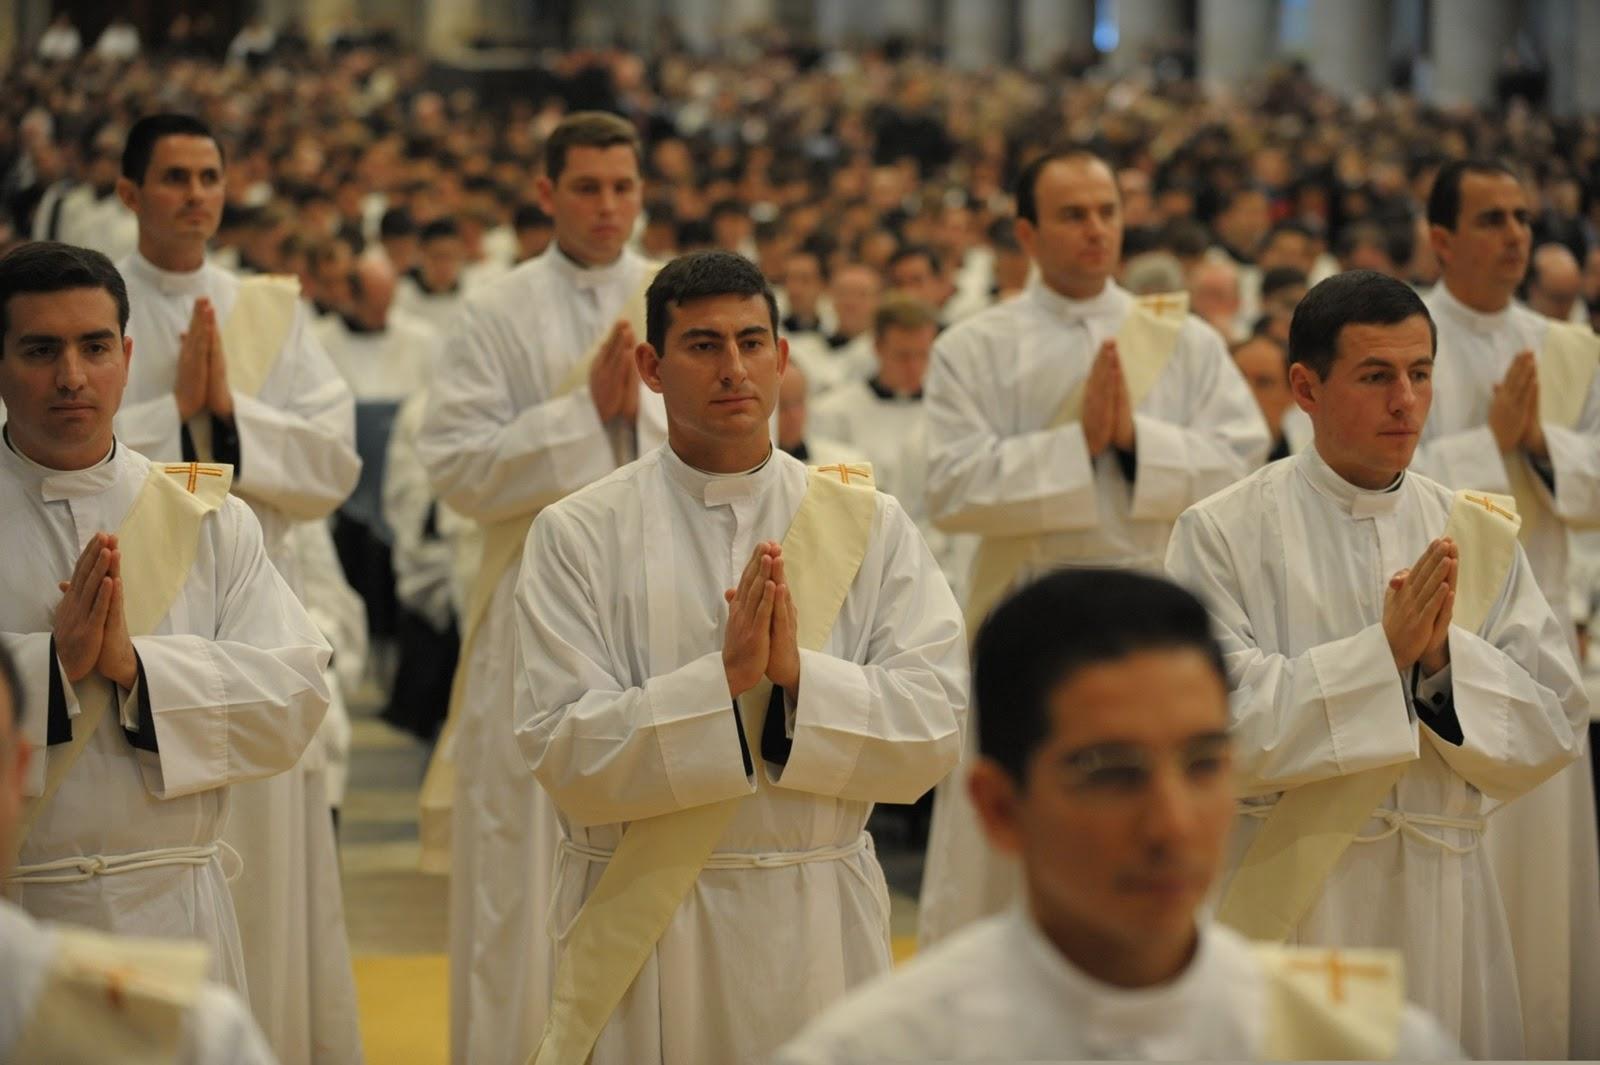 ¿Cómo Pudo Suceder que 4 Papas No Descubrieron el Mayor Escándalo de la Iglesia?